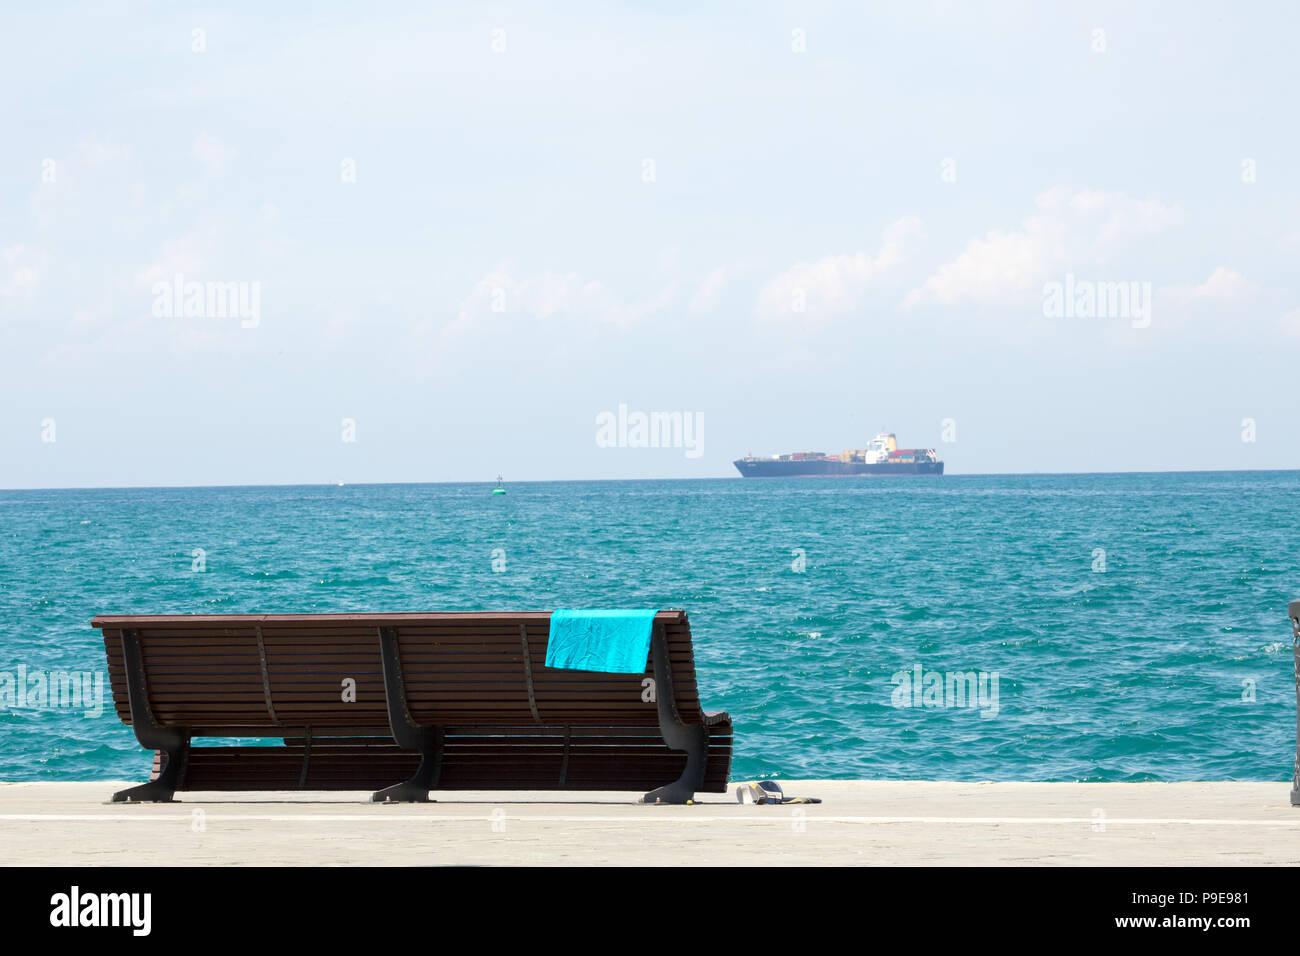 Bagni di sole sulla spiaggia foto & immagine stock: 212370929 alamy